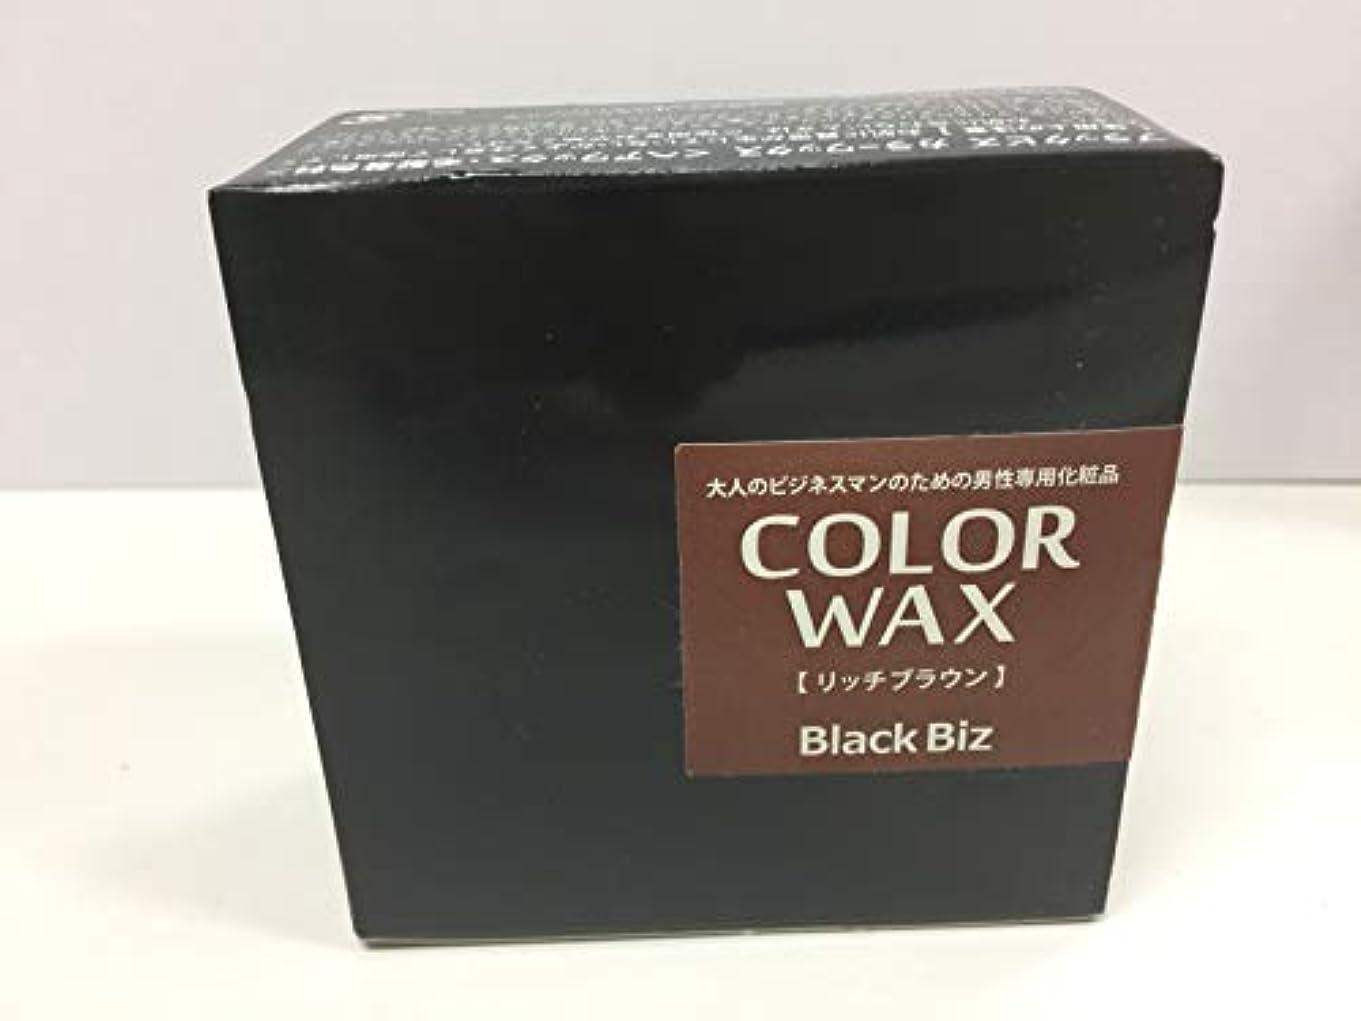 黙わずかな動揺させる大人のビジネスマンのための男性専用化粧品 BlackBiz COLOR WAX ブラックビズ カラーワックス 【リッチブラウン】